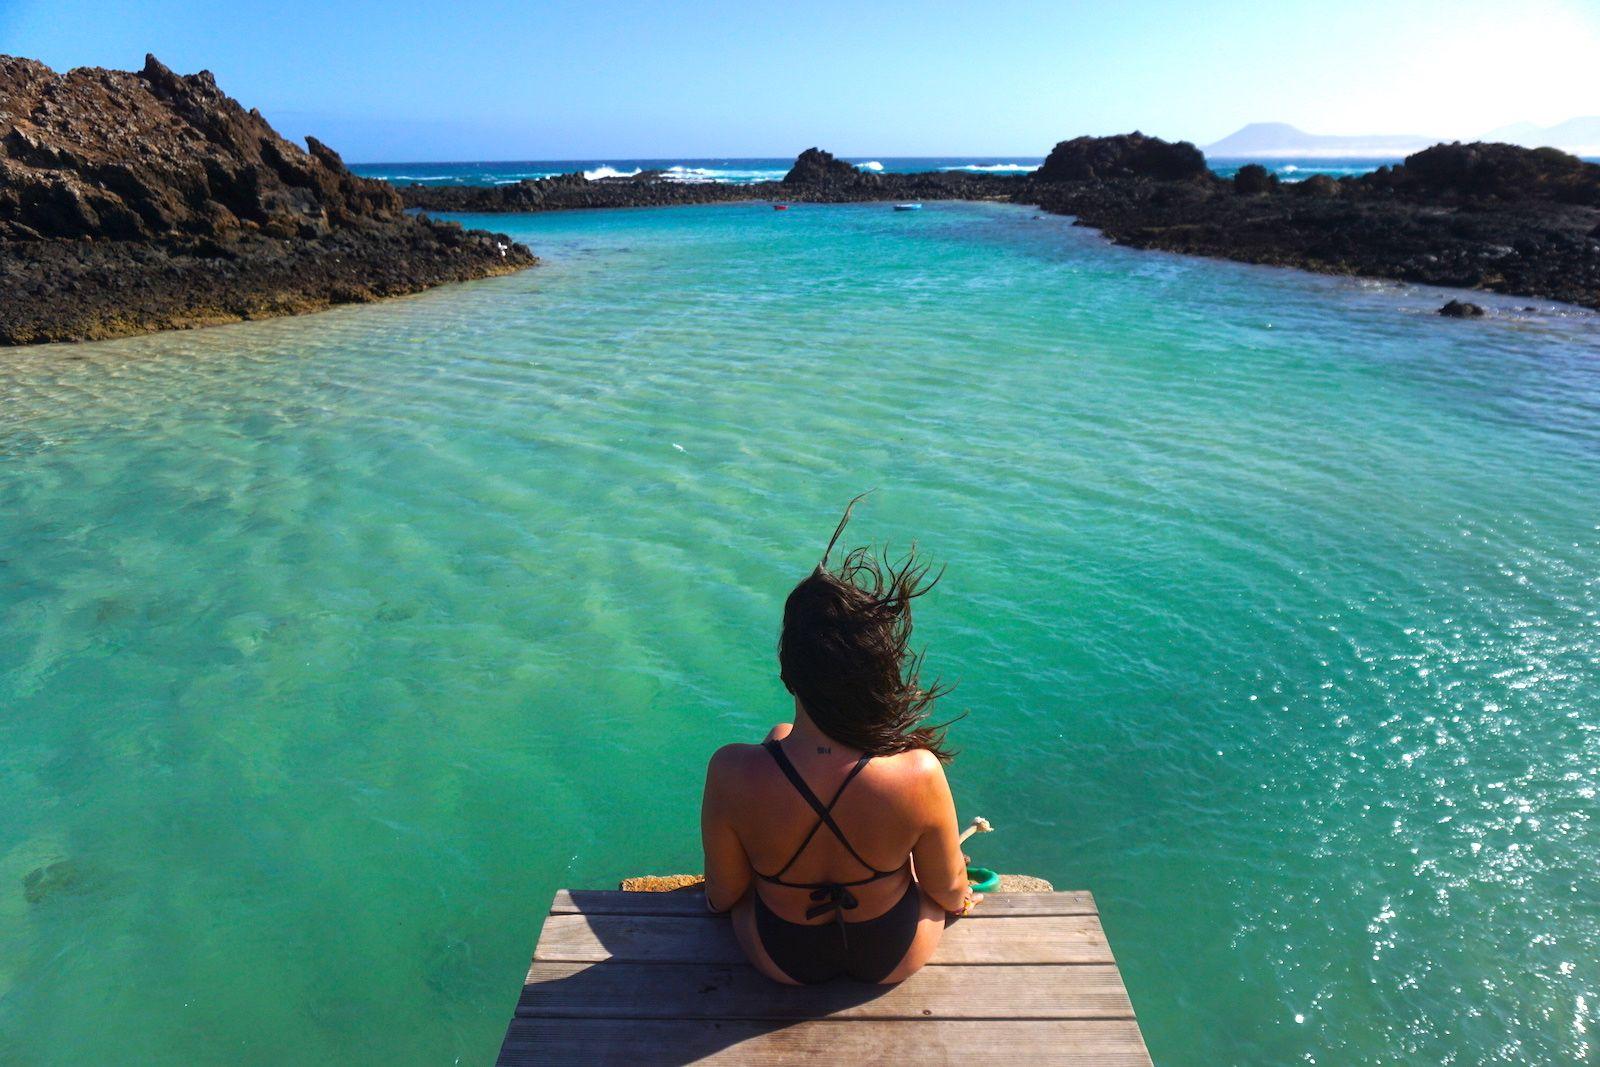 Qué ver en Fuerteventura en 3, 5 o 7 días (una semana). Las mejores playas y rincones de la isla majorera